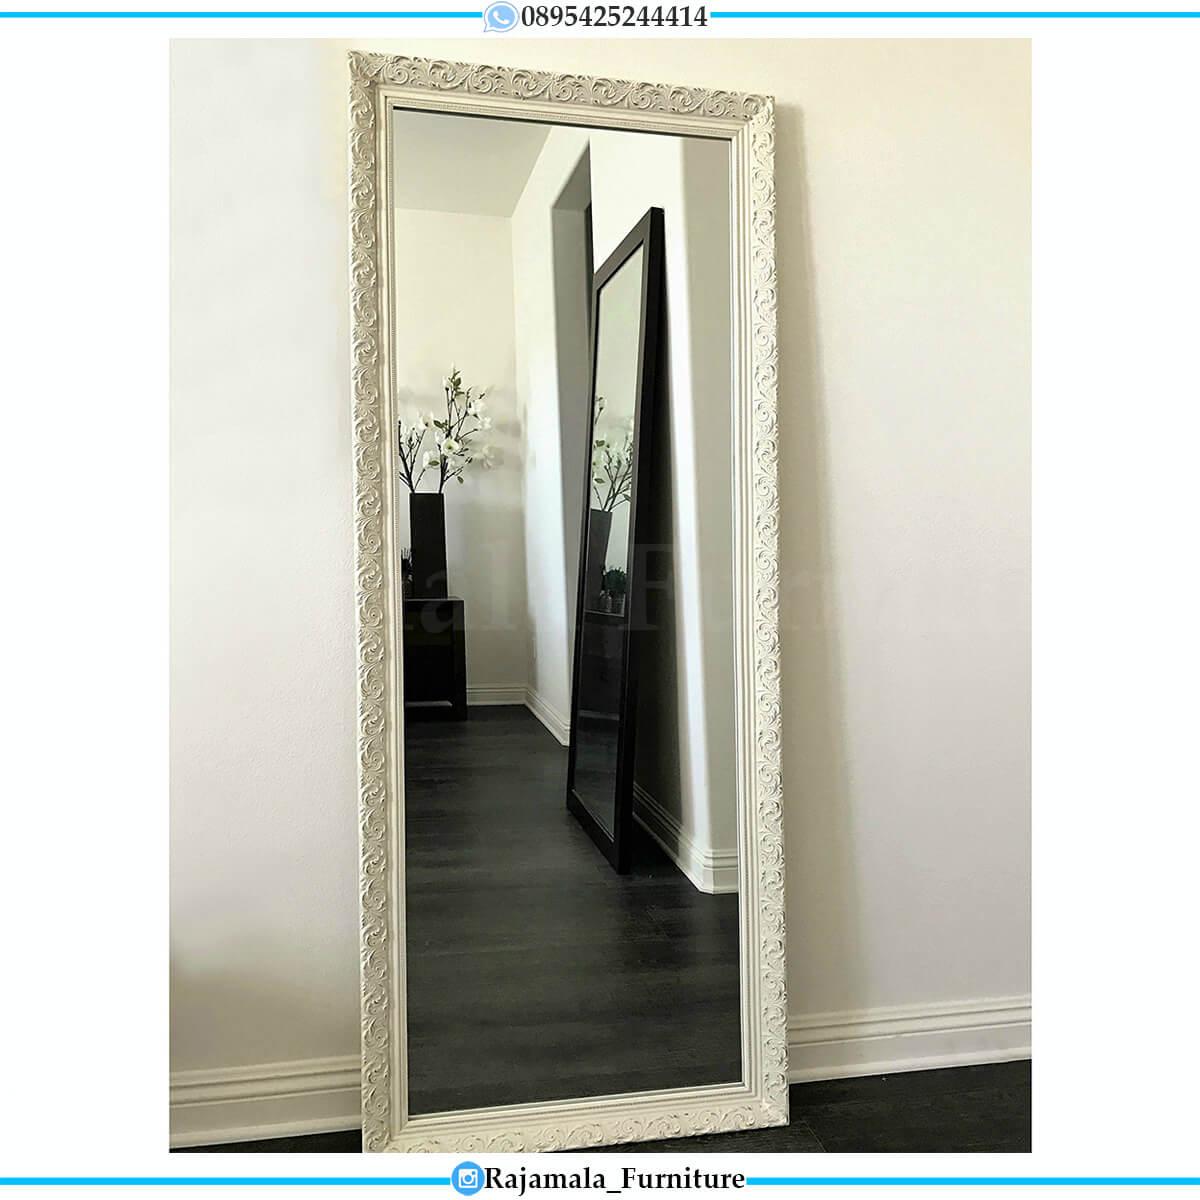 Cermin Hias Mewah Ukir Jepara Luxurious Style RM-0665